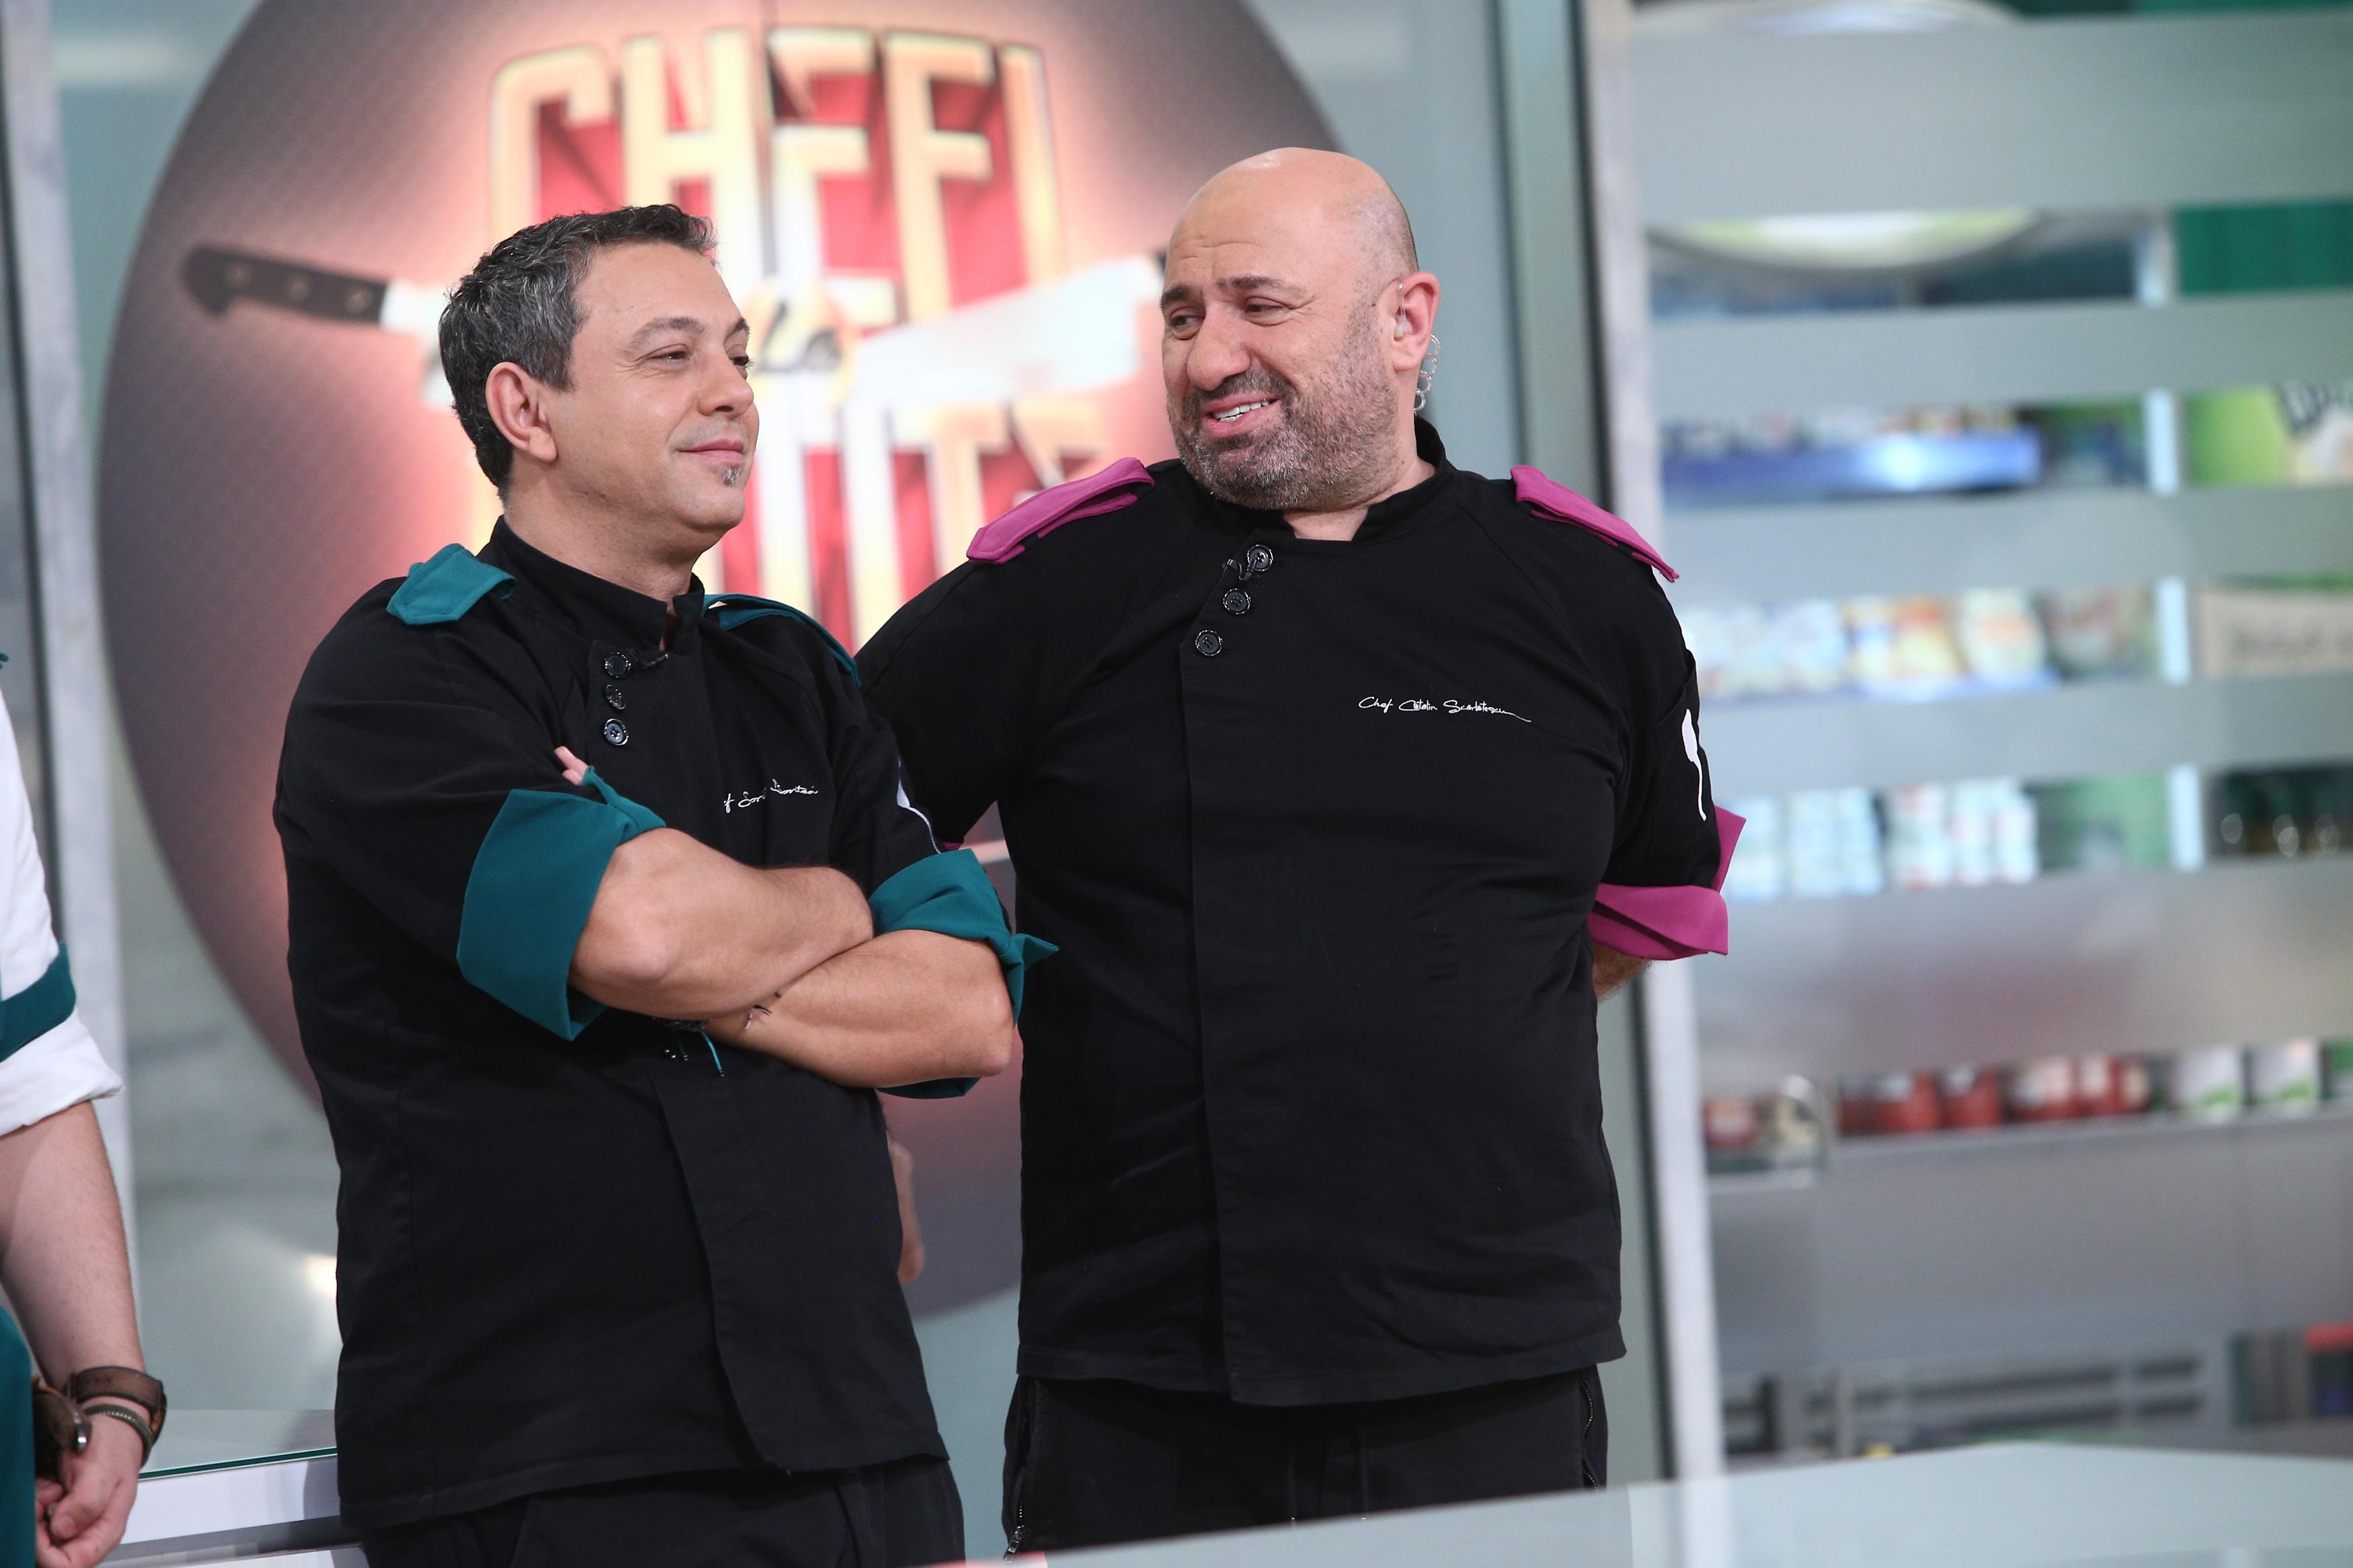 Chefi la cuțite, 31 mai 2021. Premieră în emisiune! Ce a apărut pentru prima dată pe tabela de scor